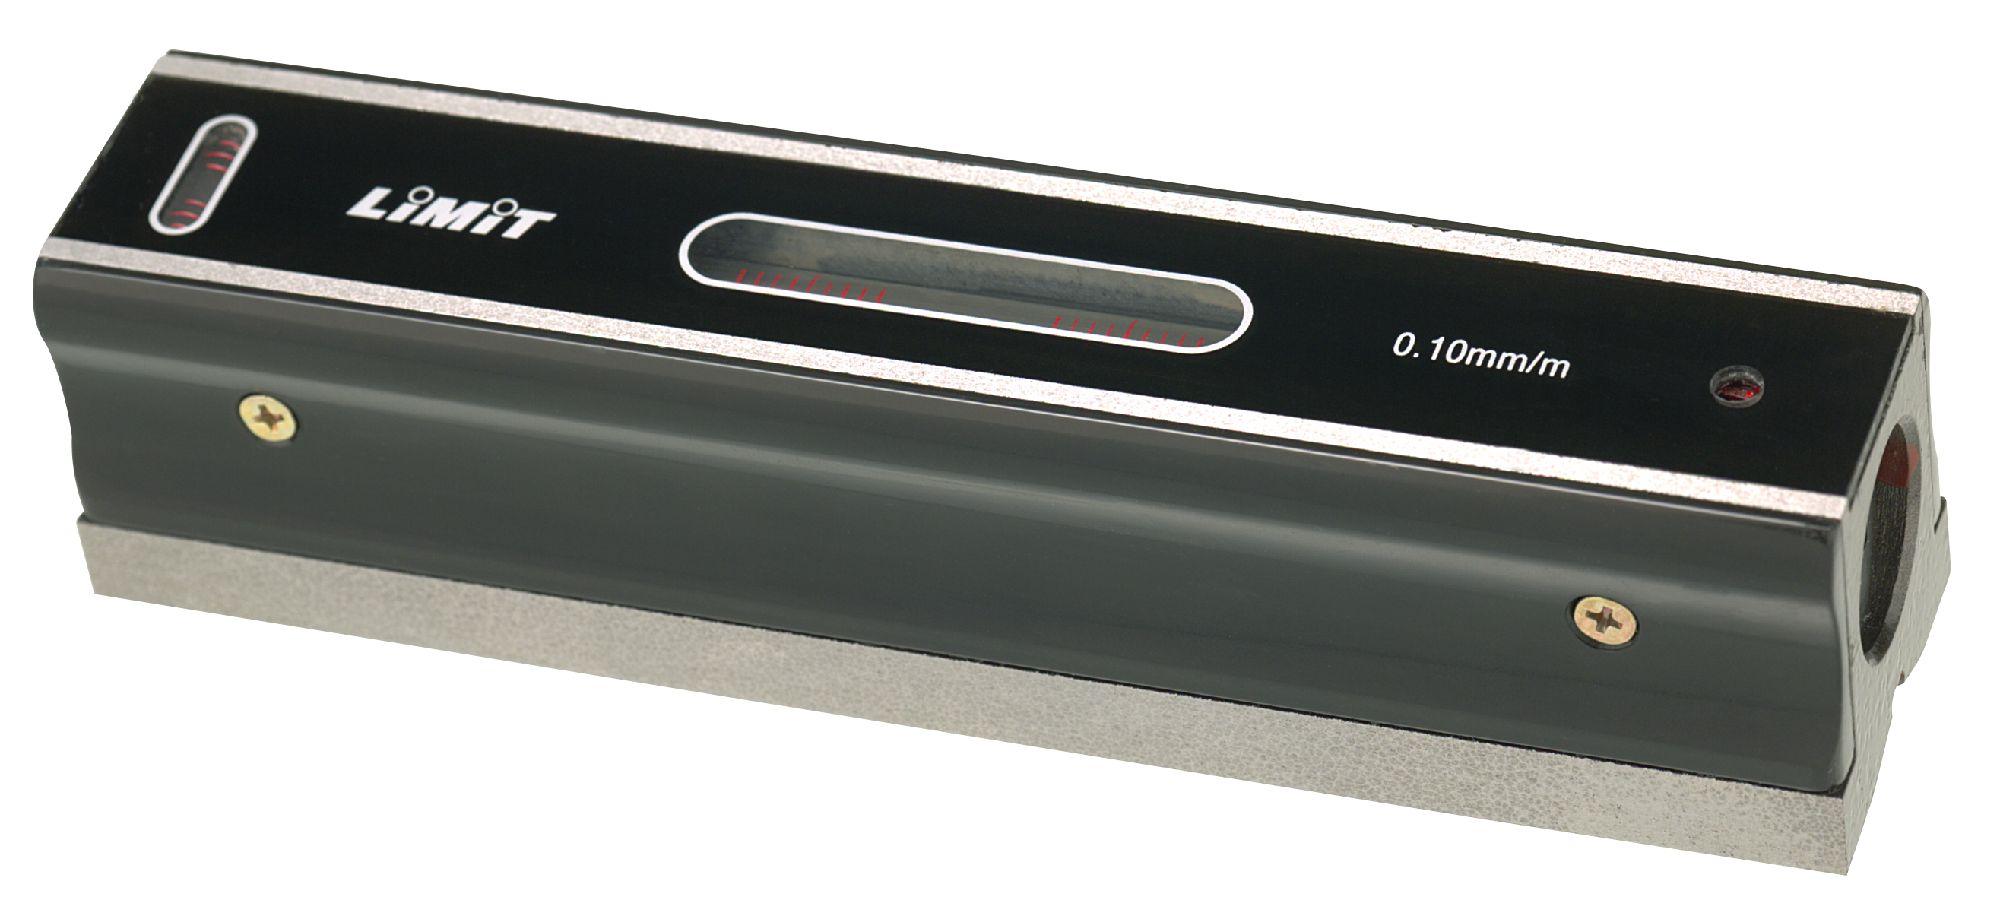 Wp300 waterpassen meetgereedschap vynckier tools for Nivel de precision